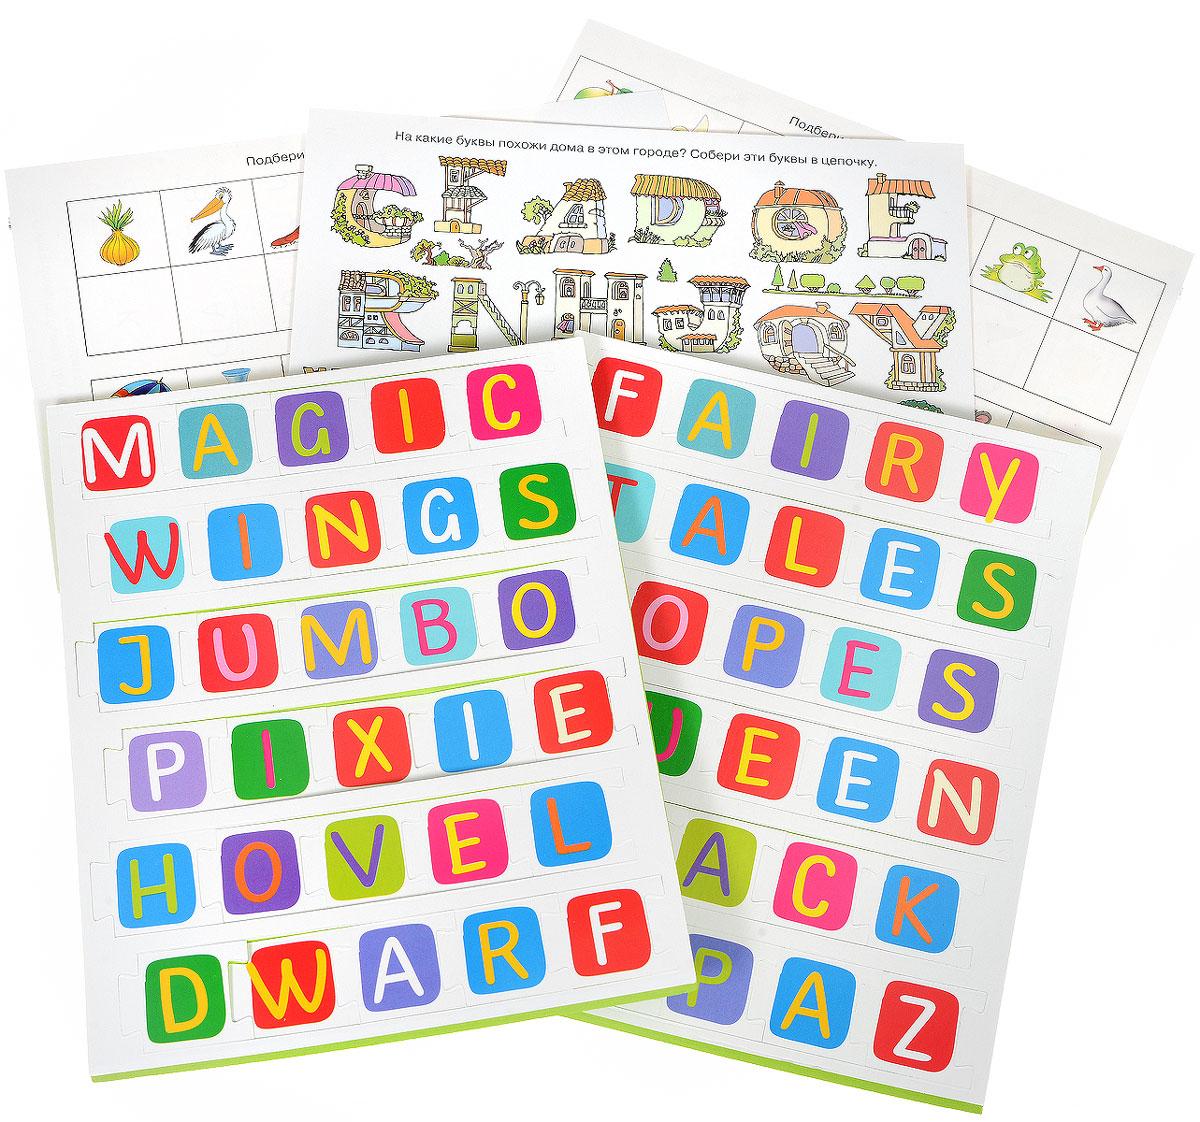 Айрис-пресс Обучающая игра Касса букв English25774Обучающая игра Айрис-пресс Касса букв с игровыми полями предназначена для обучения детей английскому языку. С помощью набора можно проводить всевозможные развивающие игры, в ходе которых ребенок познакомится с буквами английского языка, научится узнавать и запоминать графический образ буквы, составлять из букв слова, начнет осваивать первые навыки чтения на английском языке. Для активизации и закрепления знаний в наборе приложены рабочие листы - игровые поля, на которых дети сами могут выполнить увлекательные задания.